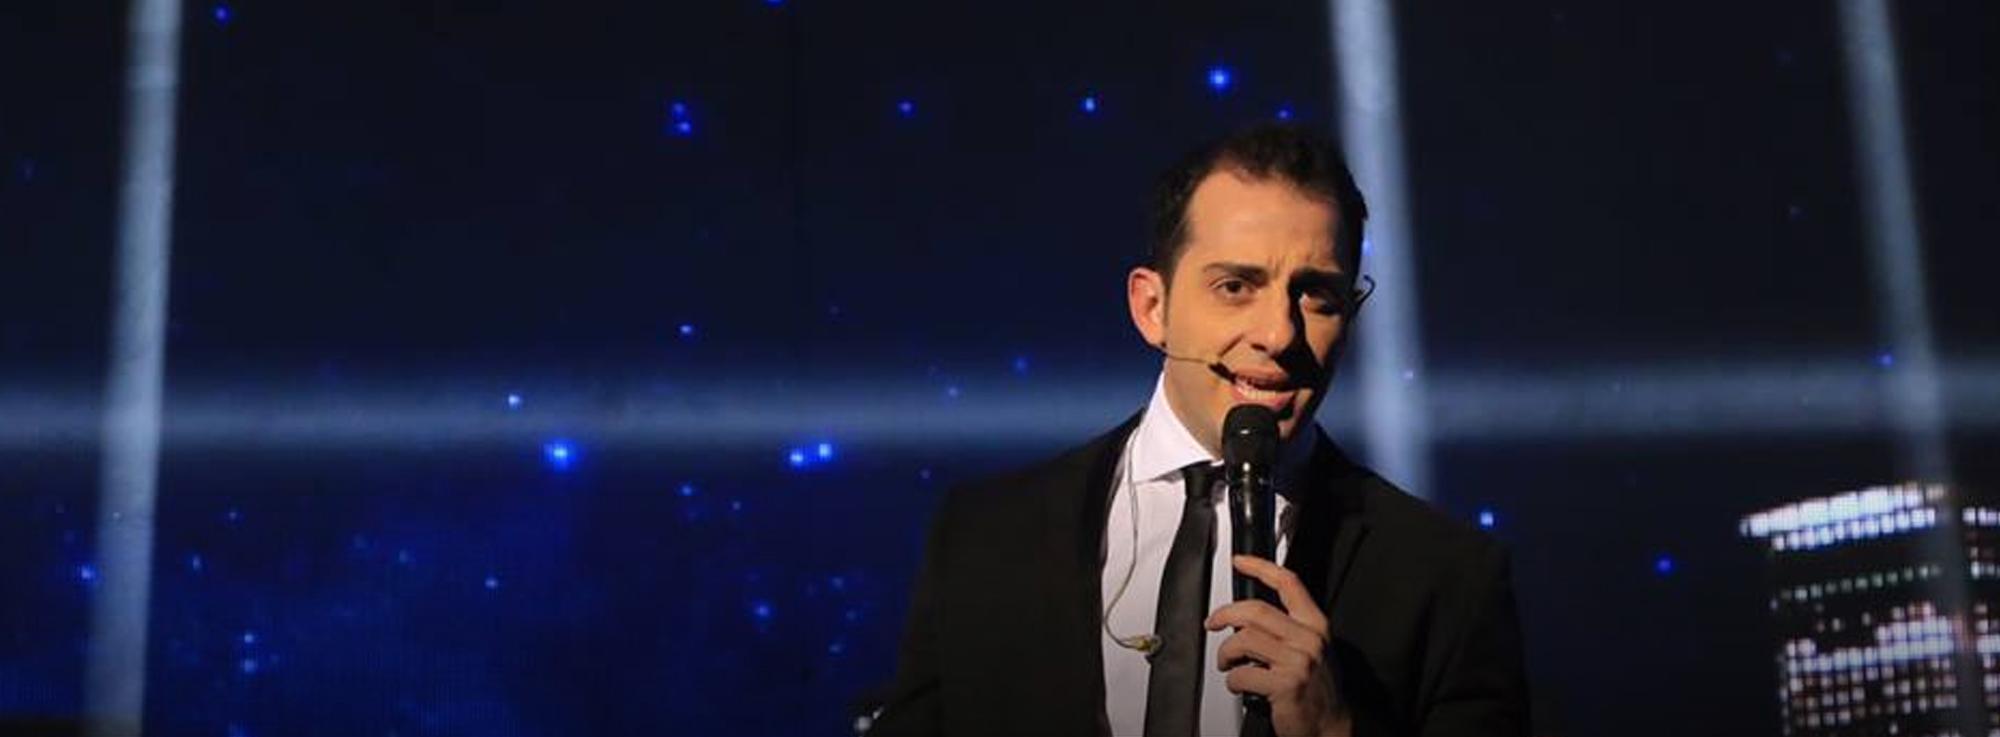 Bari: Millevoci Tonight Show